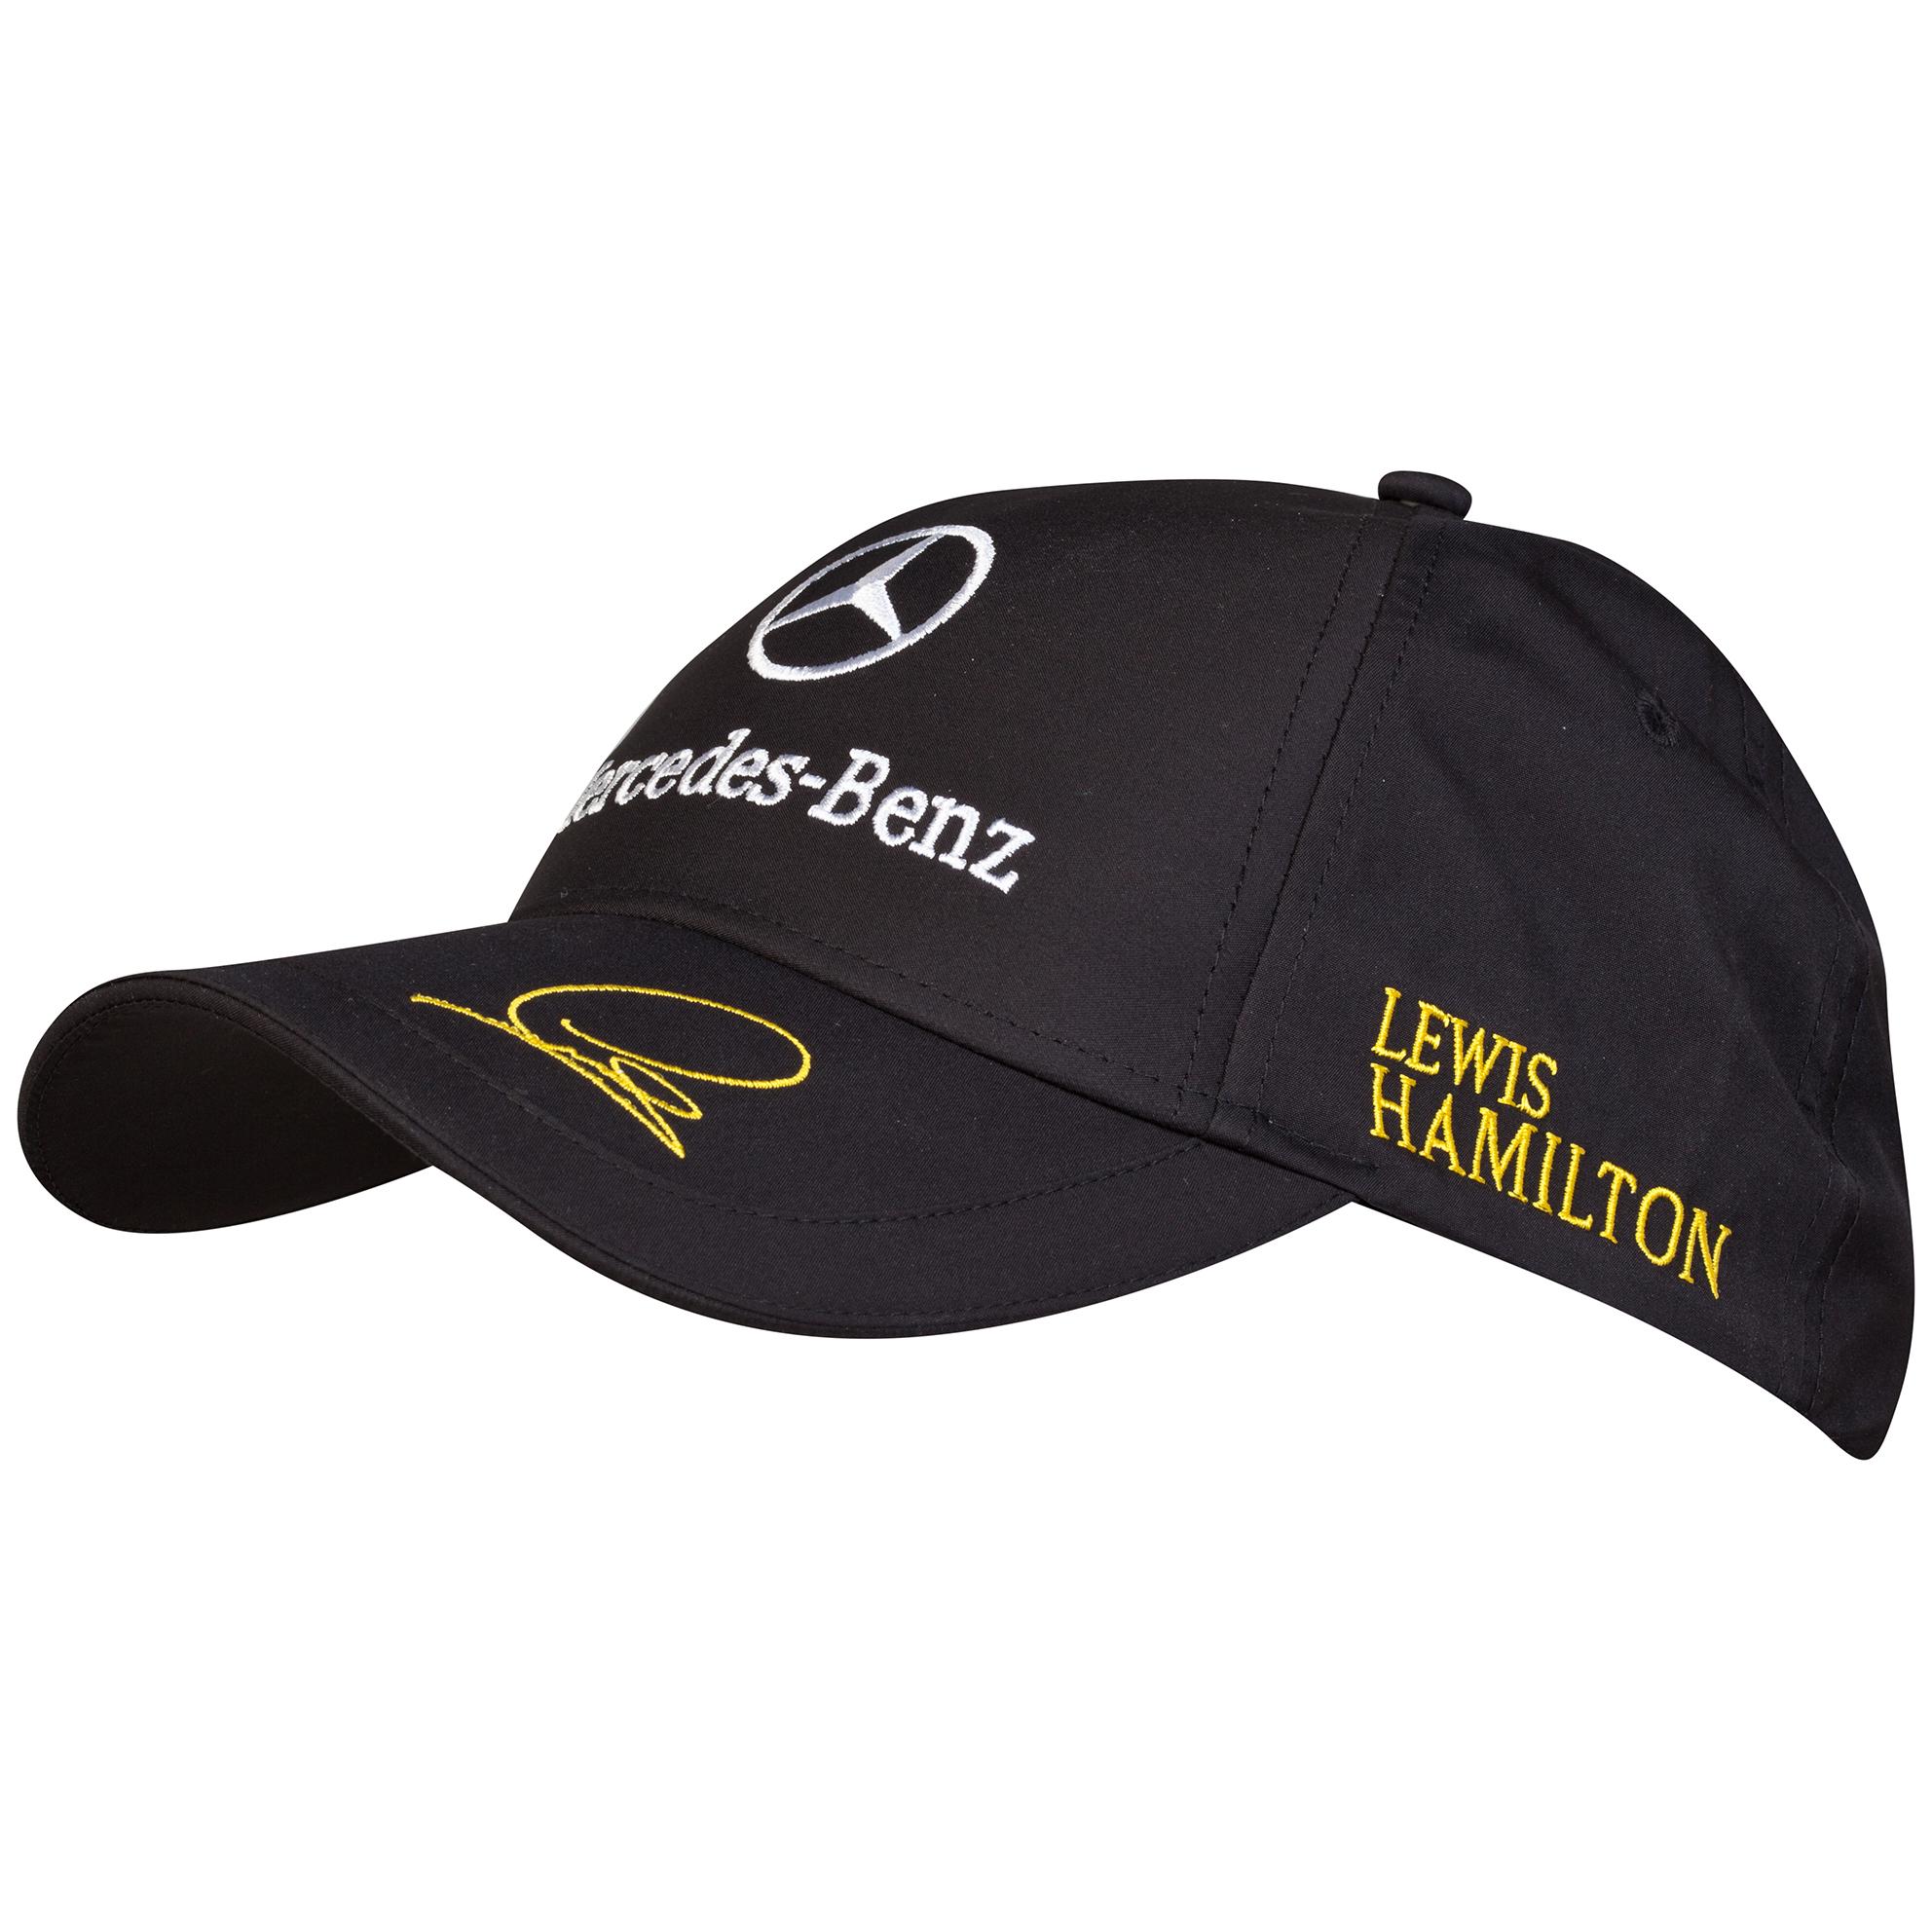 Mercedes AMG Petronas Hamilton Driver Cap